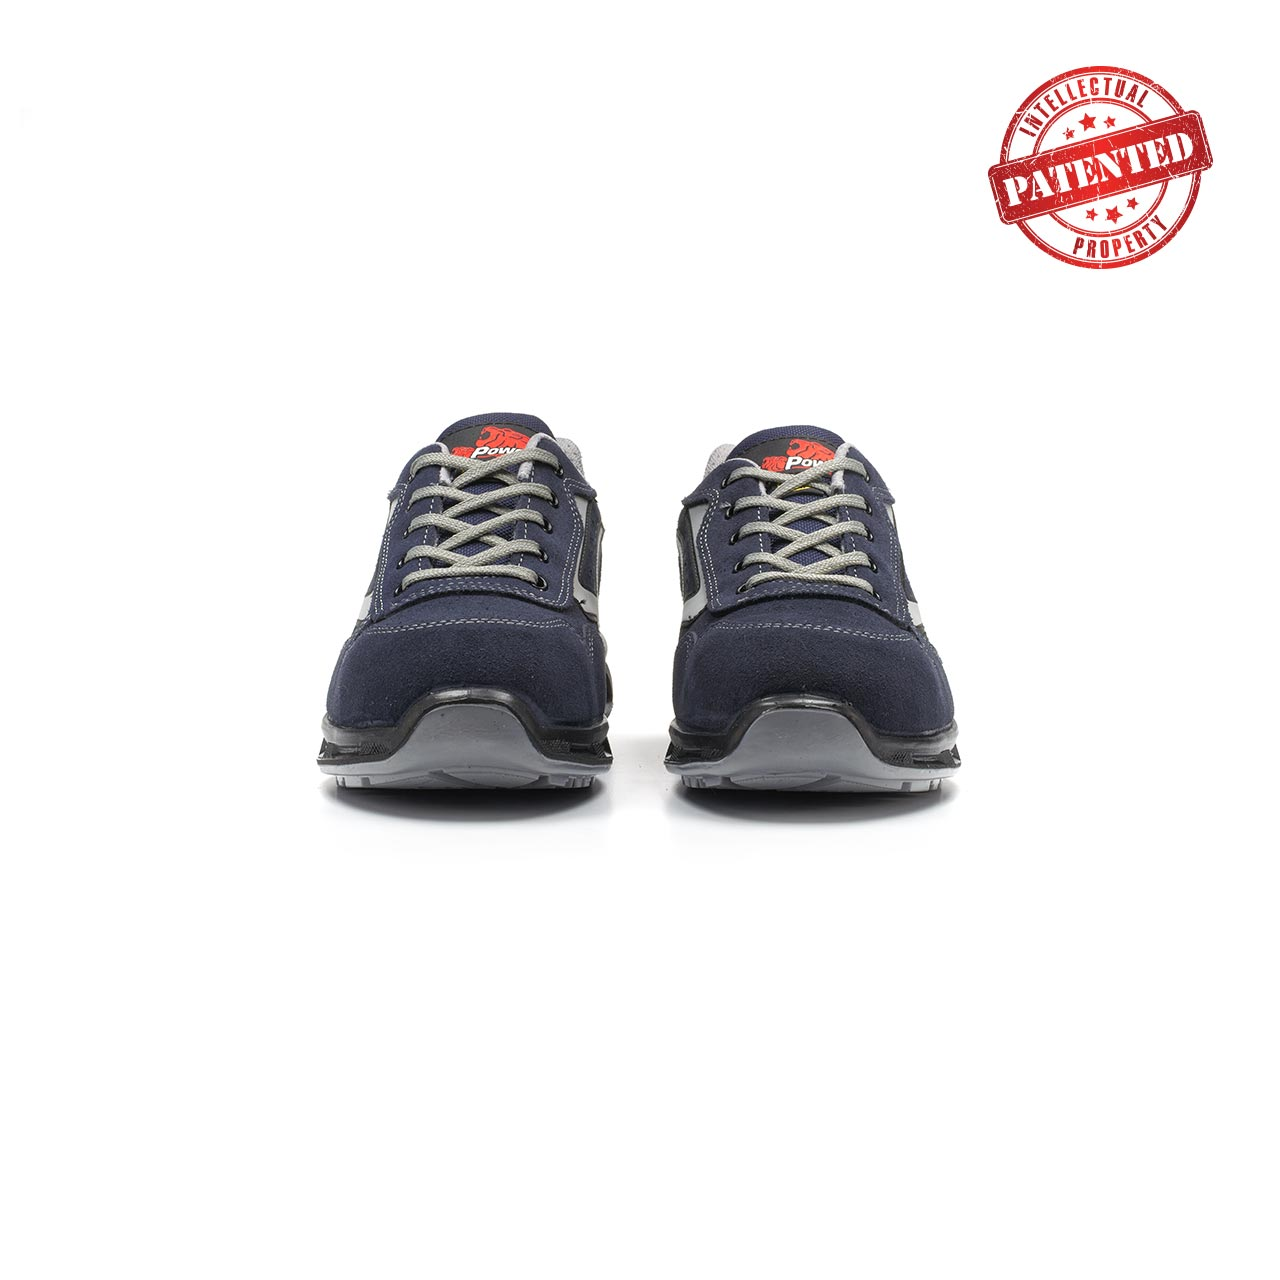 paio di scarpe antinfortunistiche upower modello emotion linea redlion vista frontale